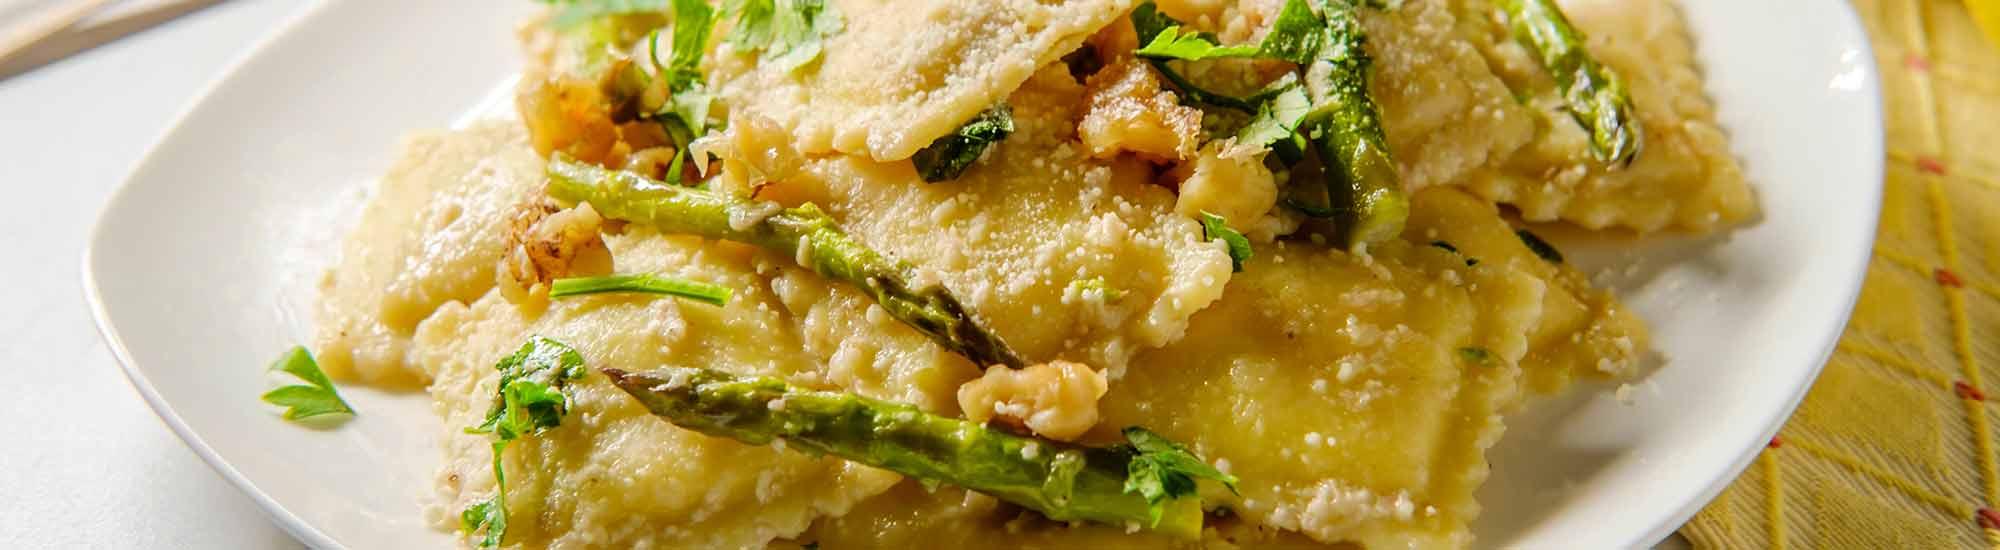 ricetta Ravioloni con asparagi, noci e burro al limone con pasta fresca